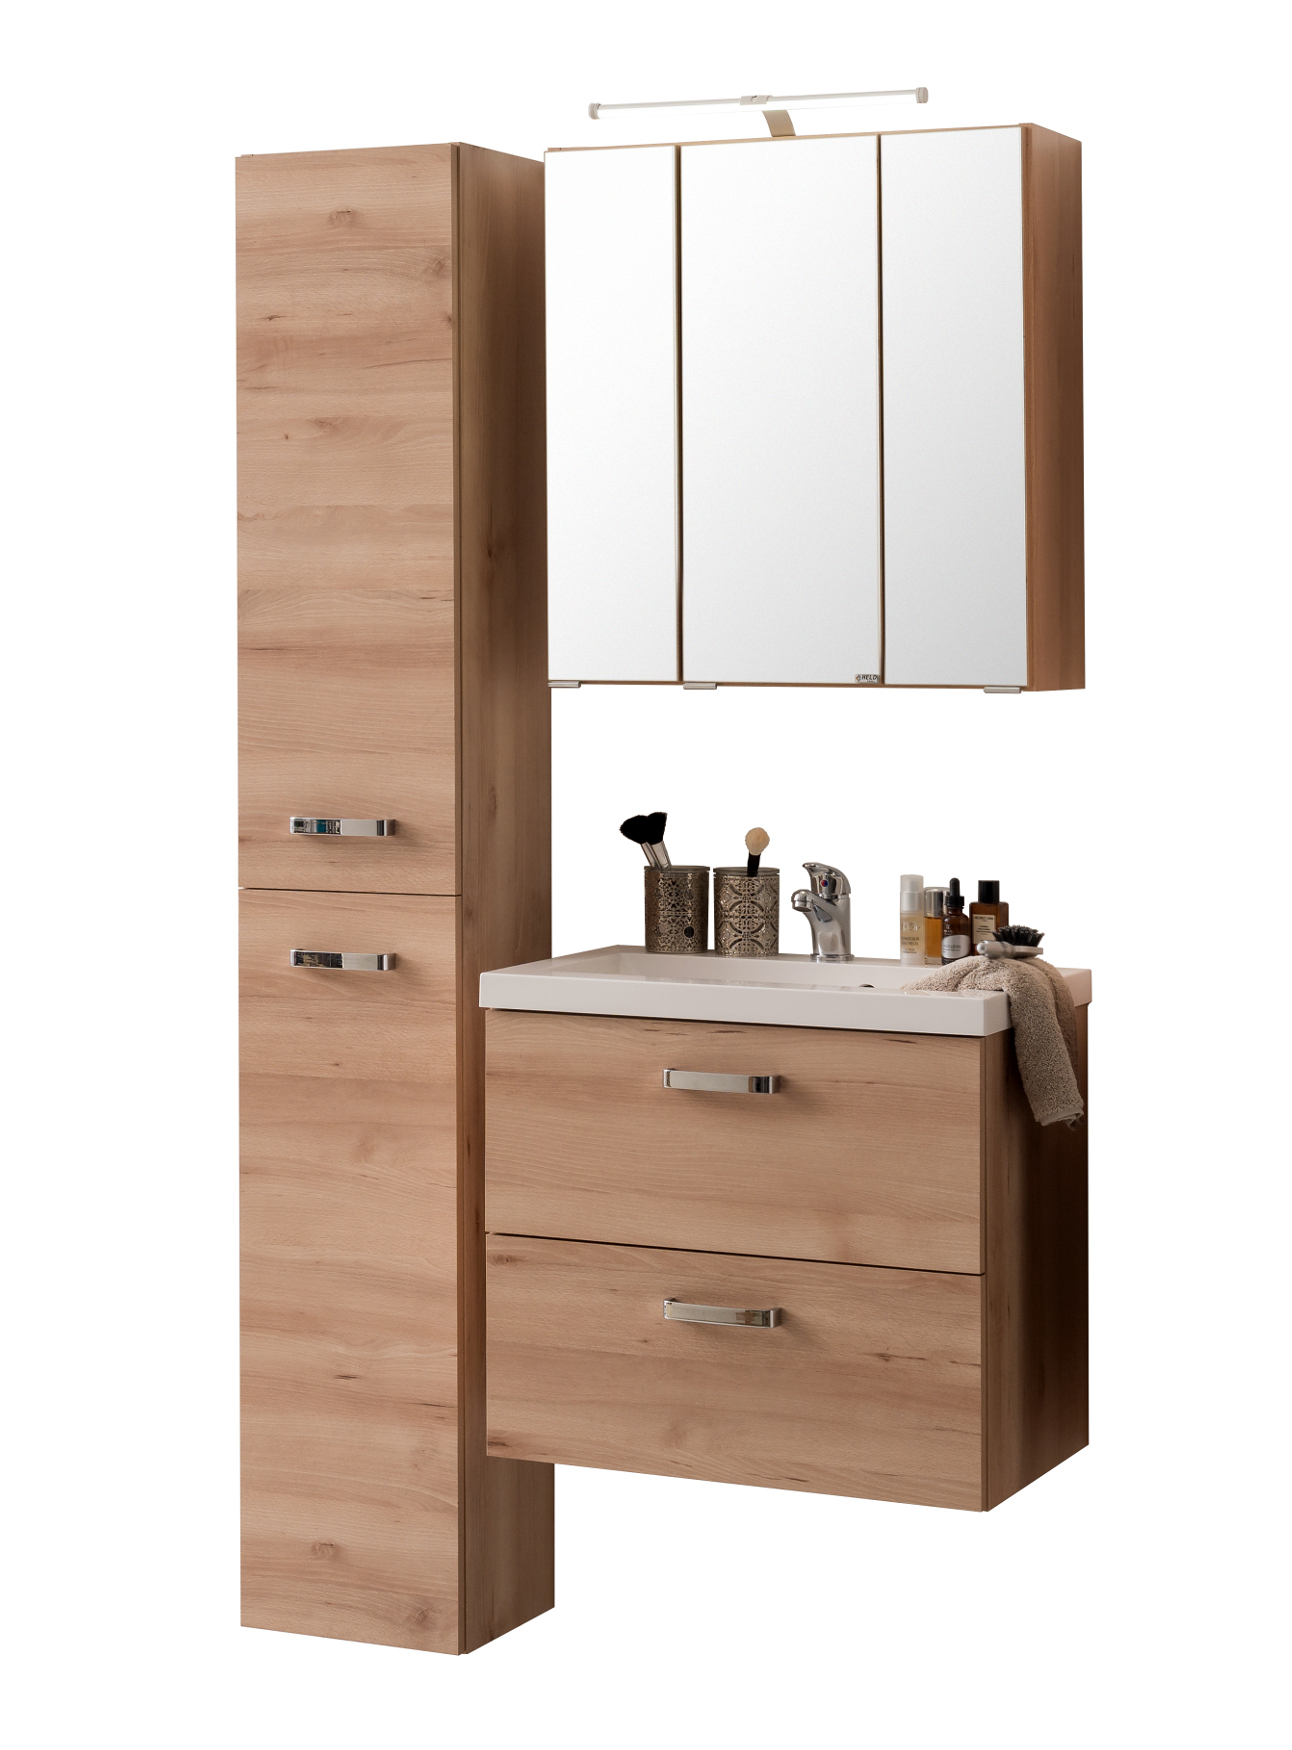 Badm bel set montreal mit spiegelschrank 5 teilig 90 - Spiegelschrank 90 cm breit ...